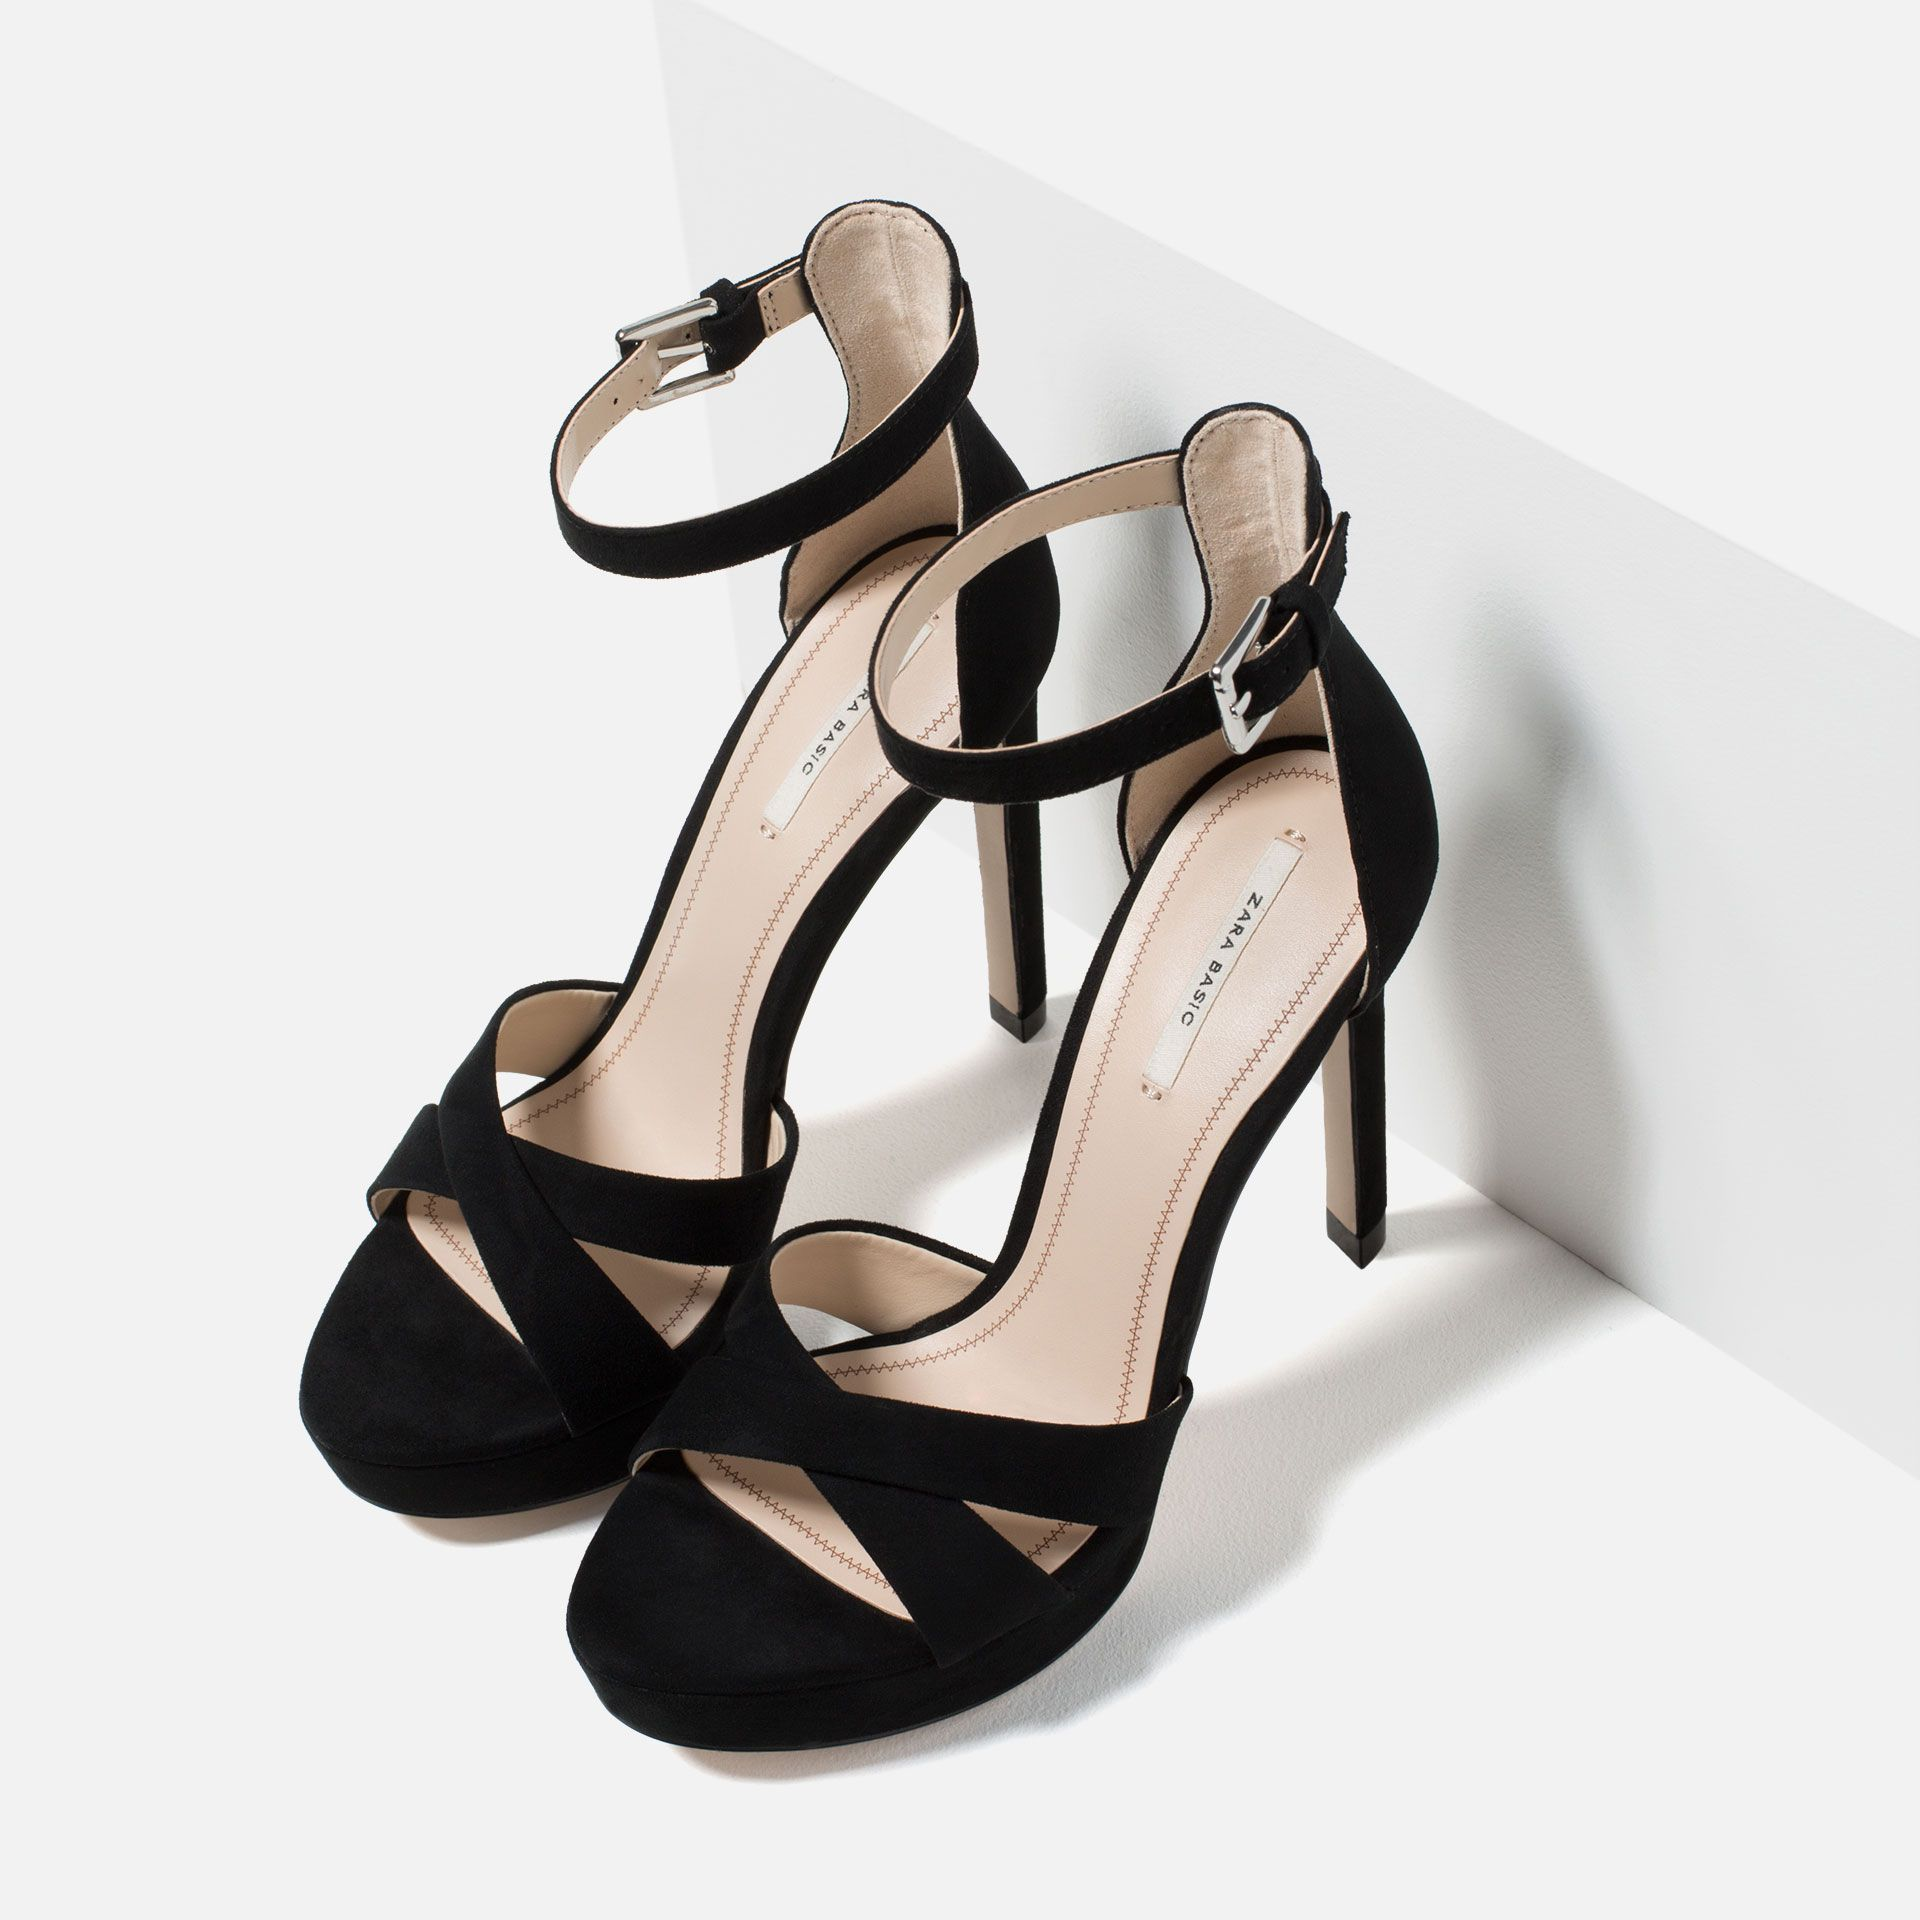 Lot de chaussures uses sandales bottes P photos 39 well worn voir photos P b86fd4